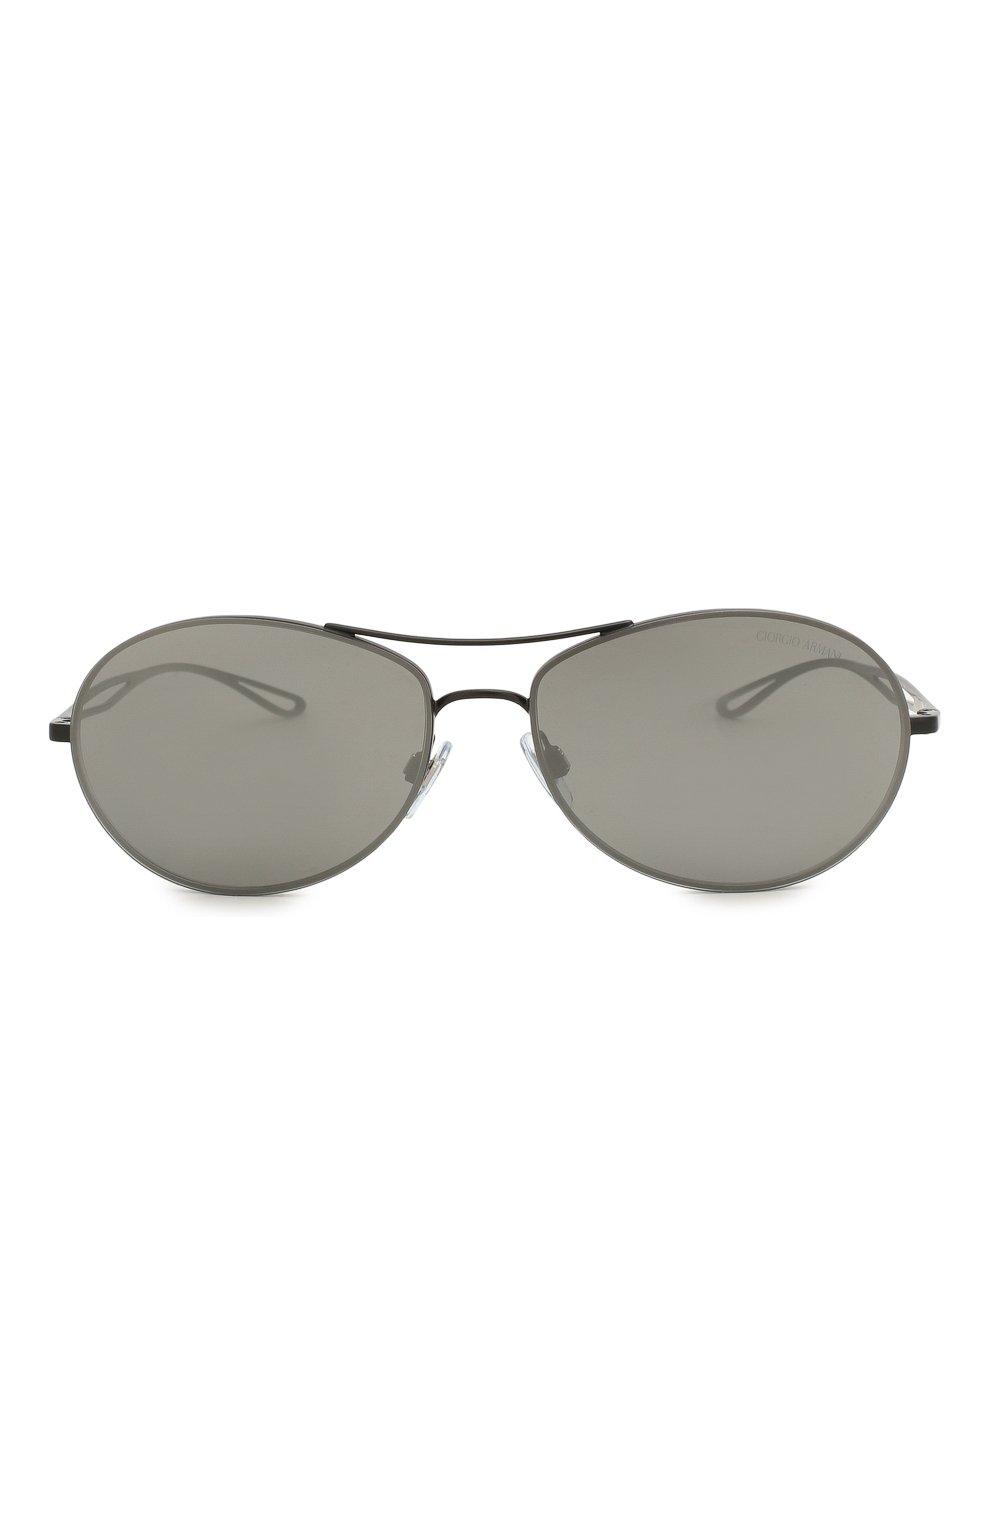 Женские солнцезащитные очки GIORGIO ARMANI серого цвета, арт. 6099-30016G | Фото 4